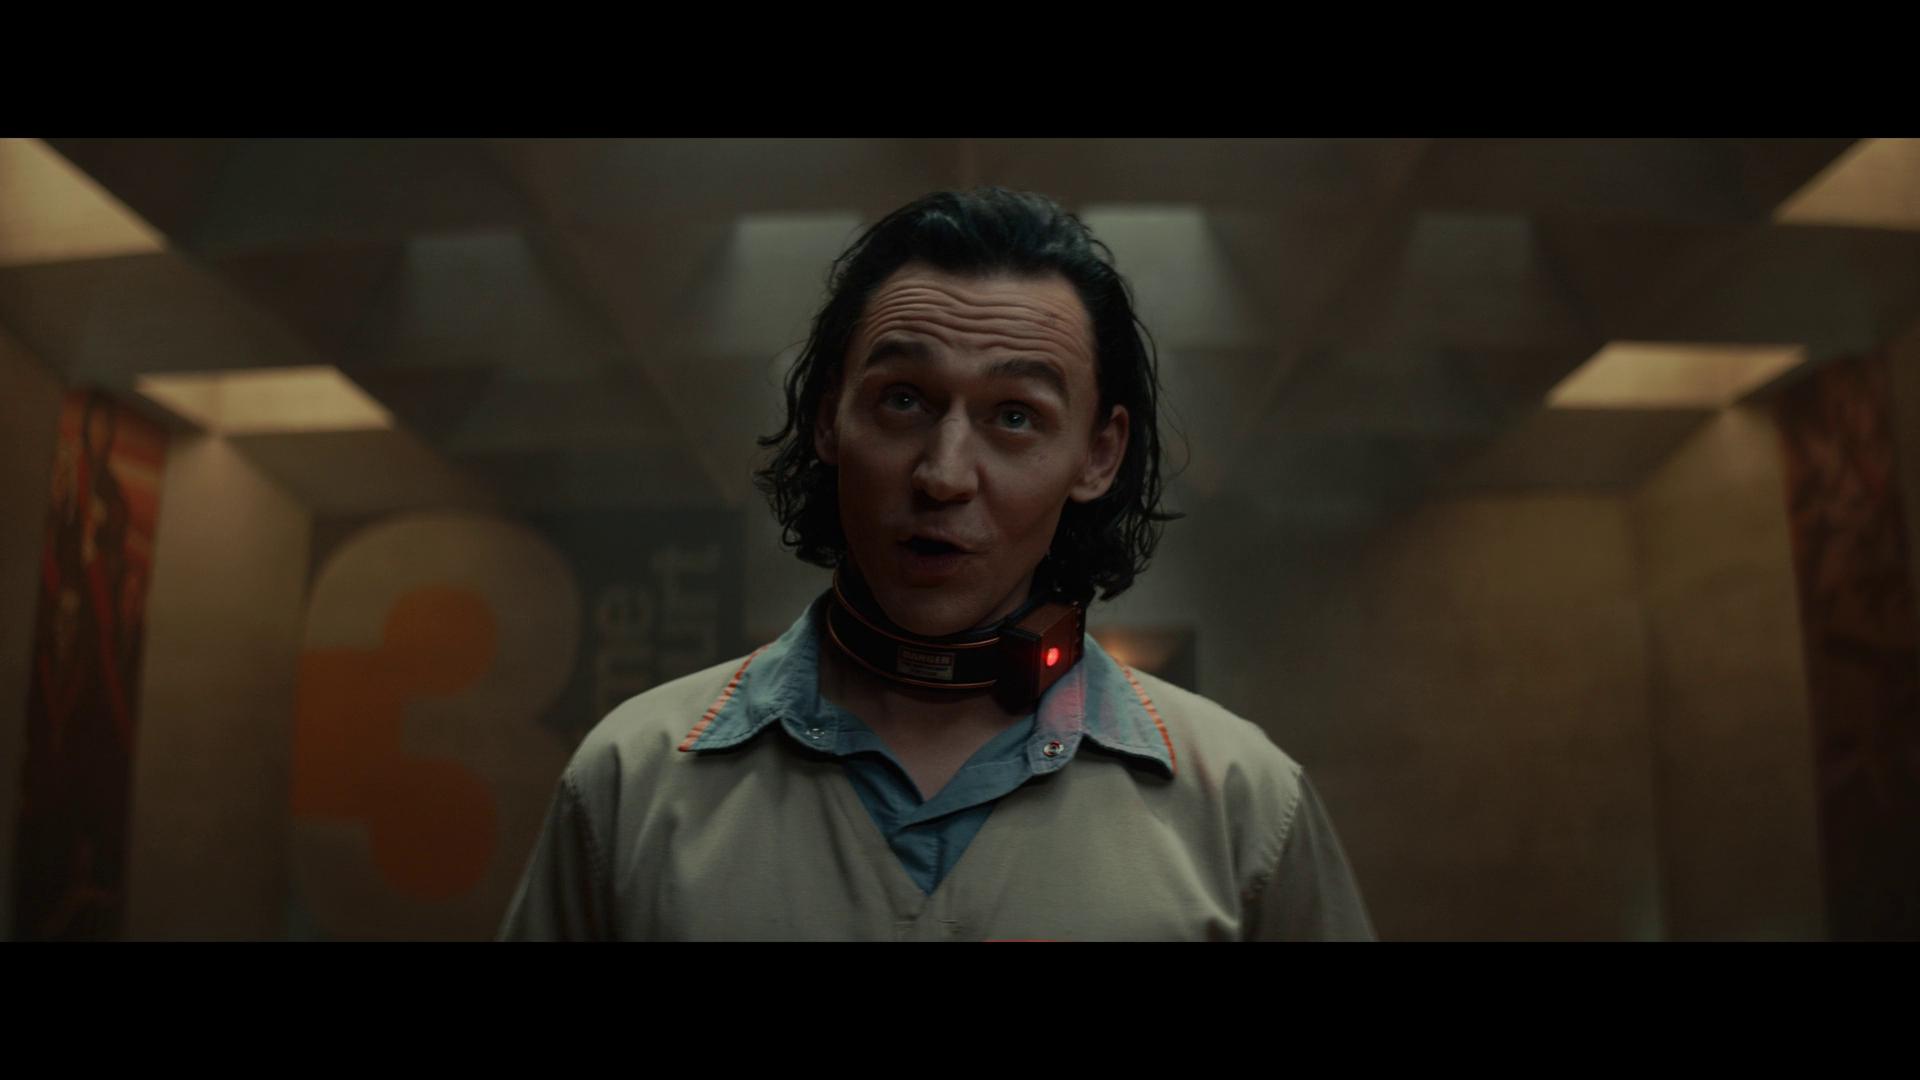 Loki   2021   S01   Hindi + English   1080p   720p   WEB-DL